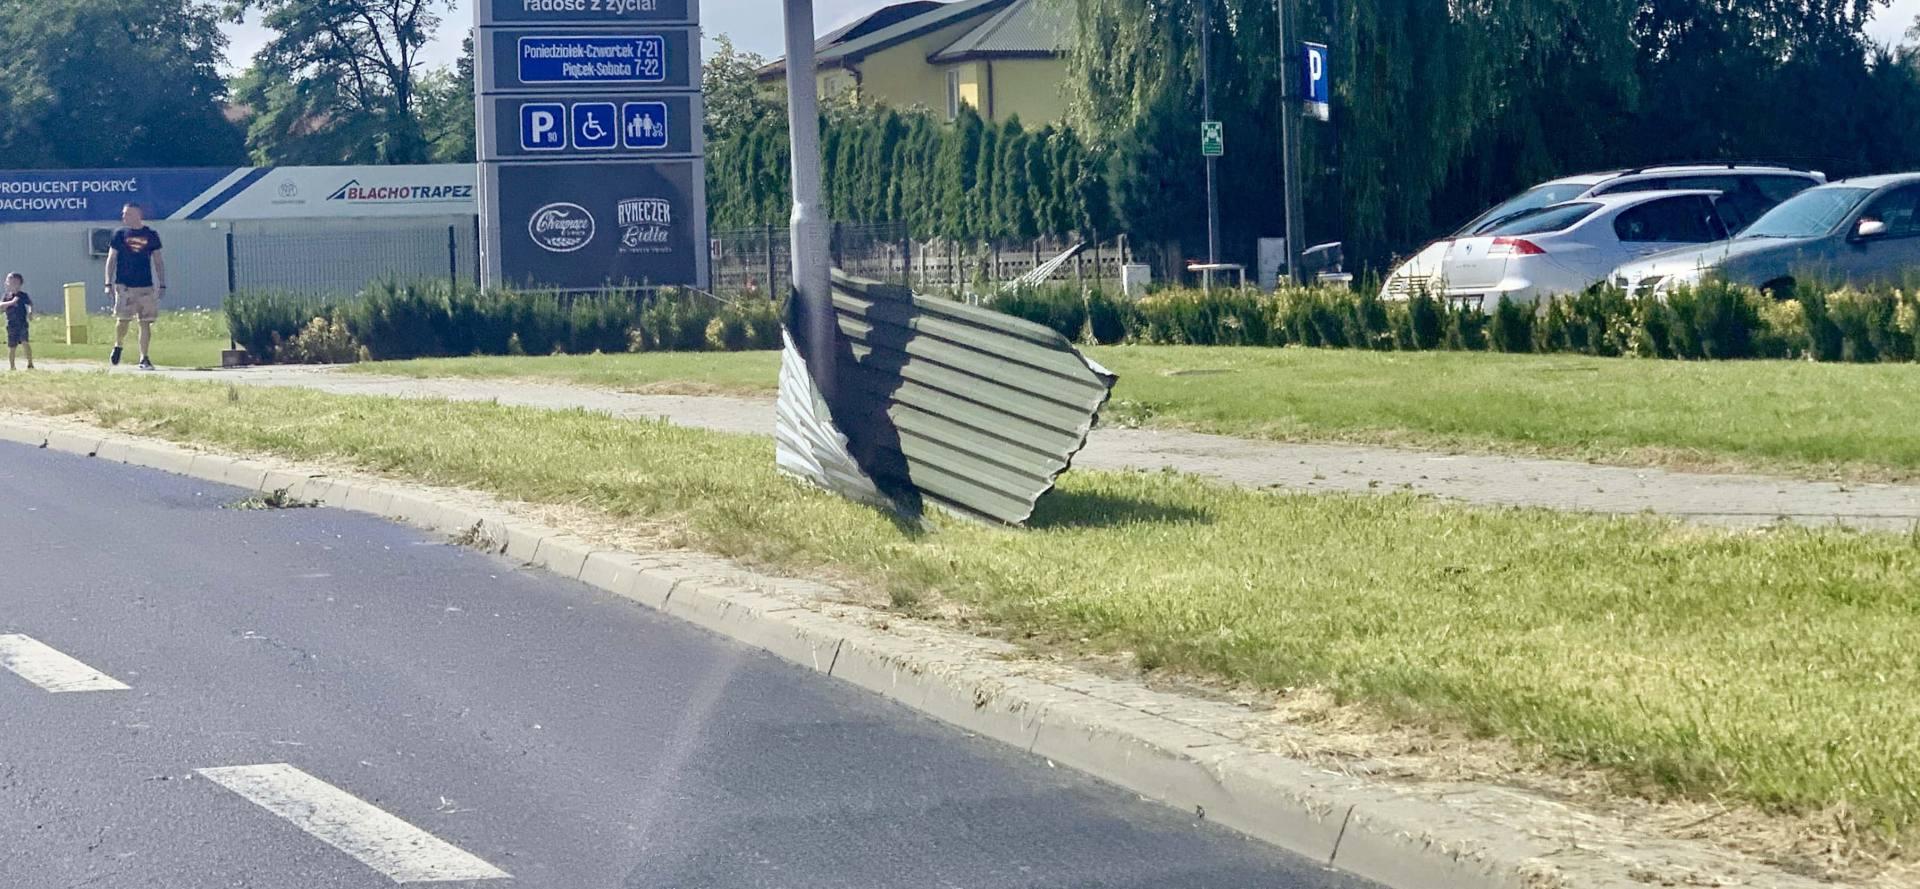 img 0980 Zerwane dachy, połamane drzewa, uszkodzone samochody. Straty po burzy, która przeszła nad Zamojszczyzną